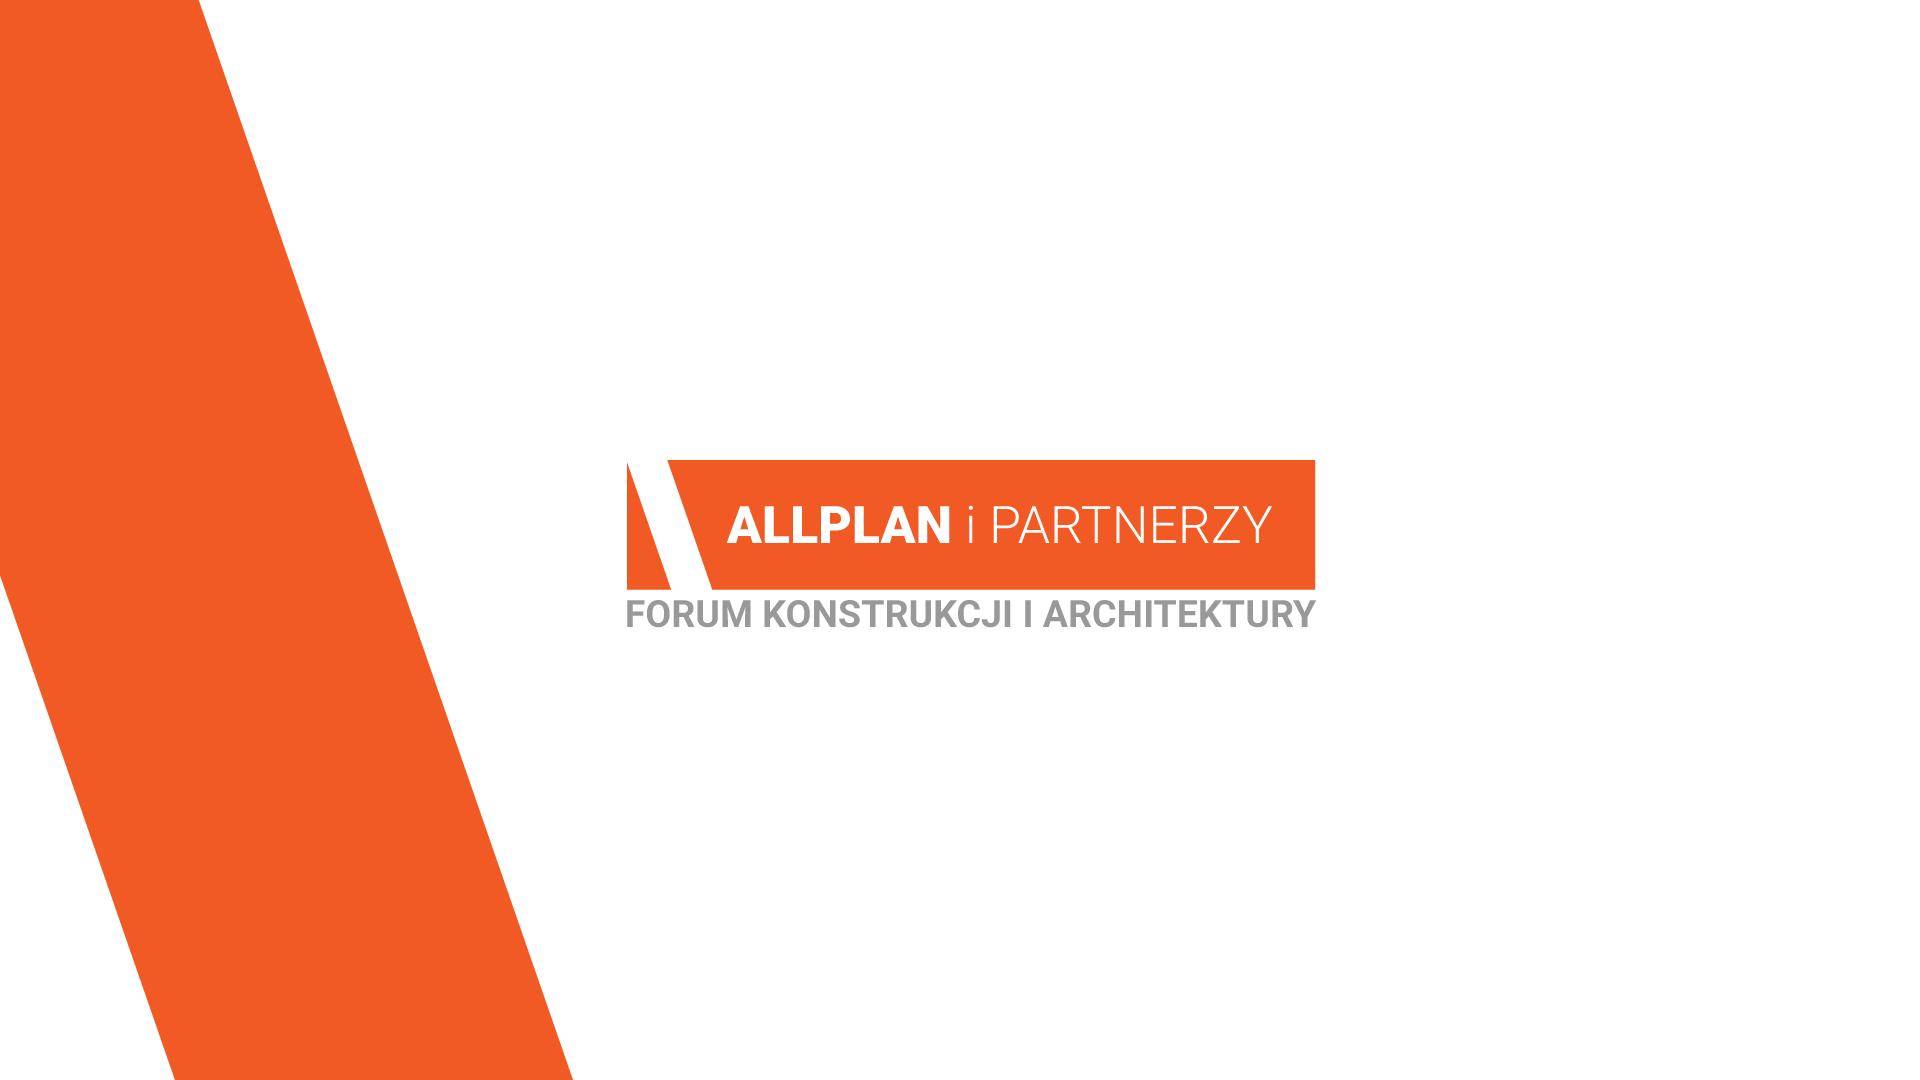 Prezentacja GstarCAD 2019 podczas wydarzenia Allplan i Partnerzy - Forum konstrukcji i architektury